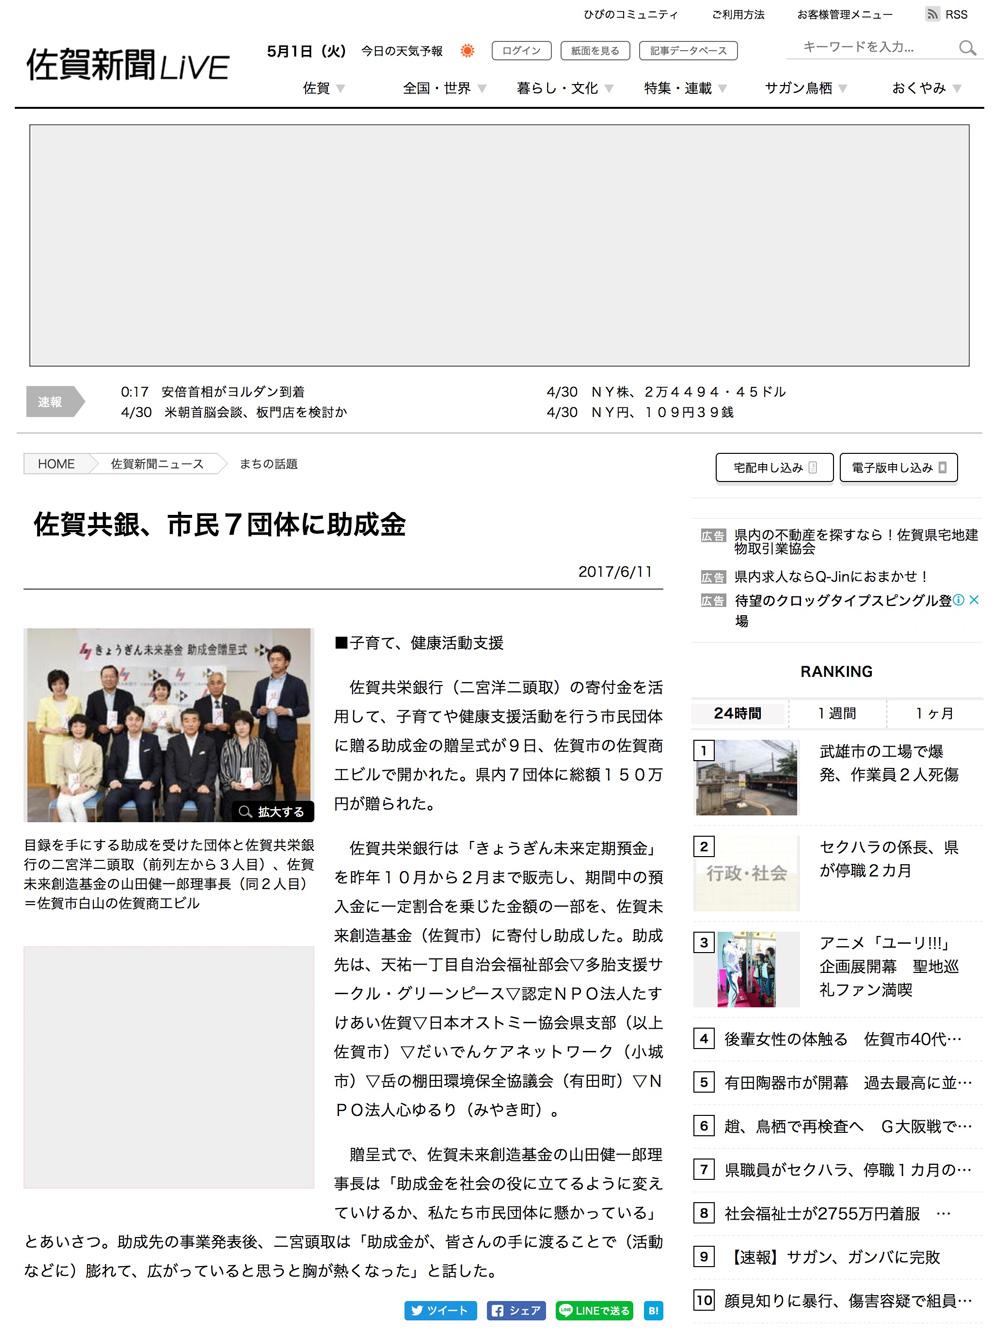 佐賀共銀、市民7団体に助成金